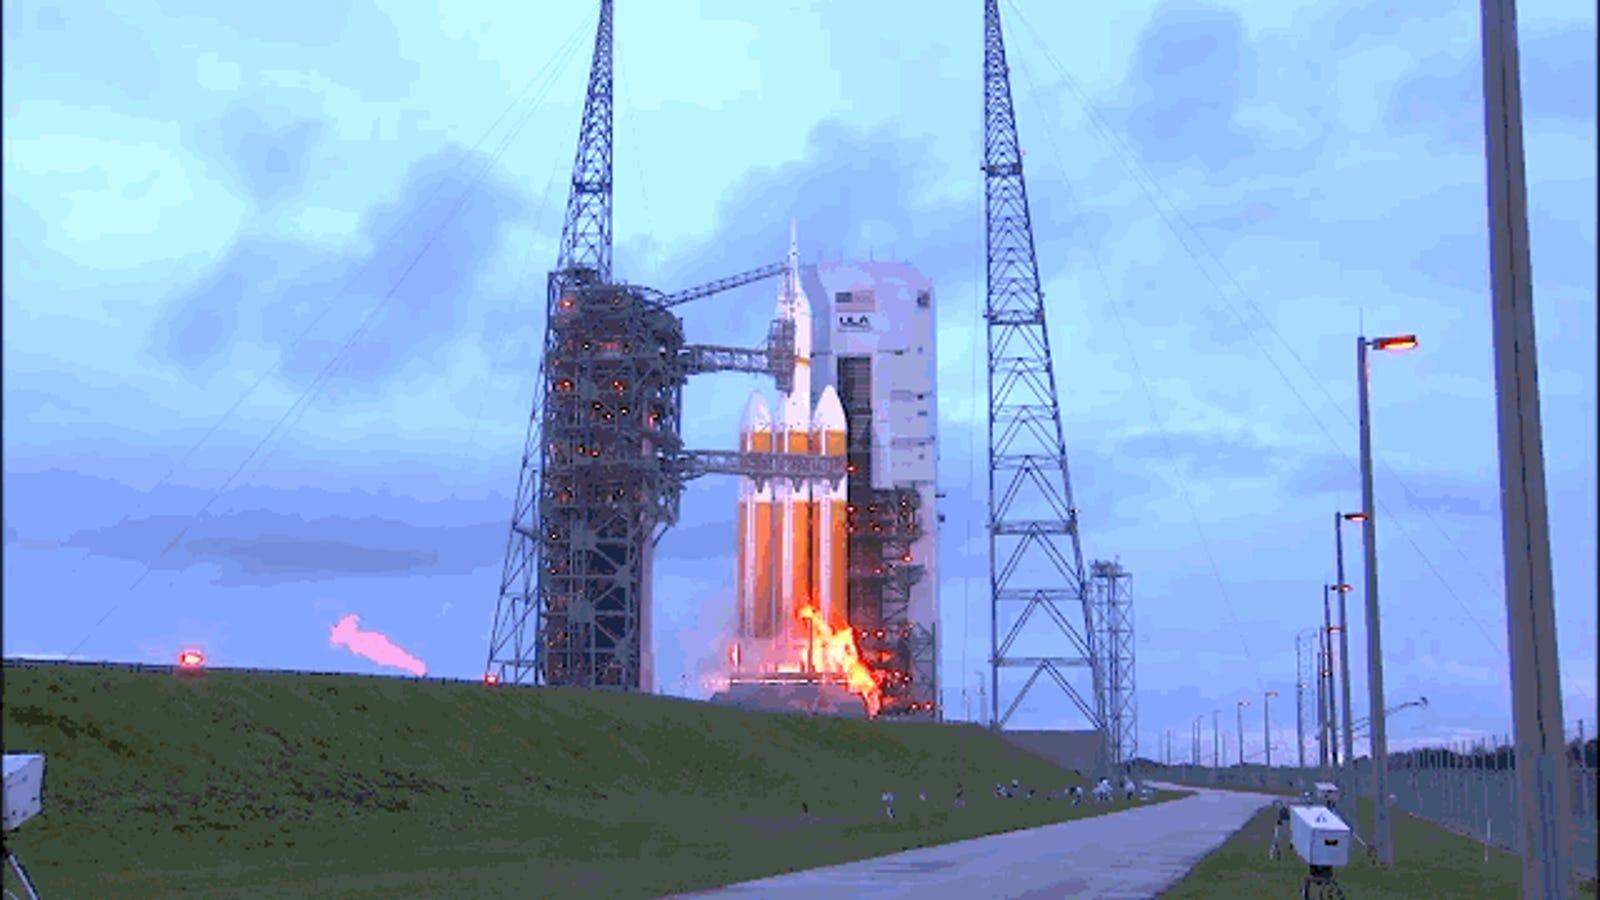 Proyecto Orion: el plan de la NASA para aterrizar en Marte en 2030